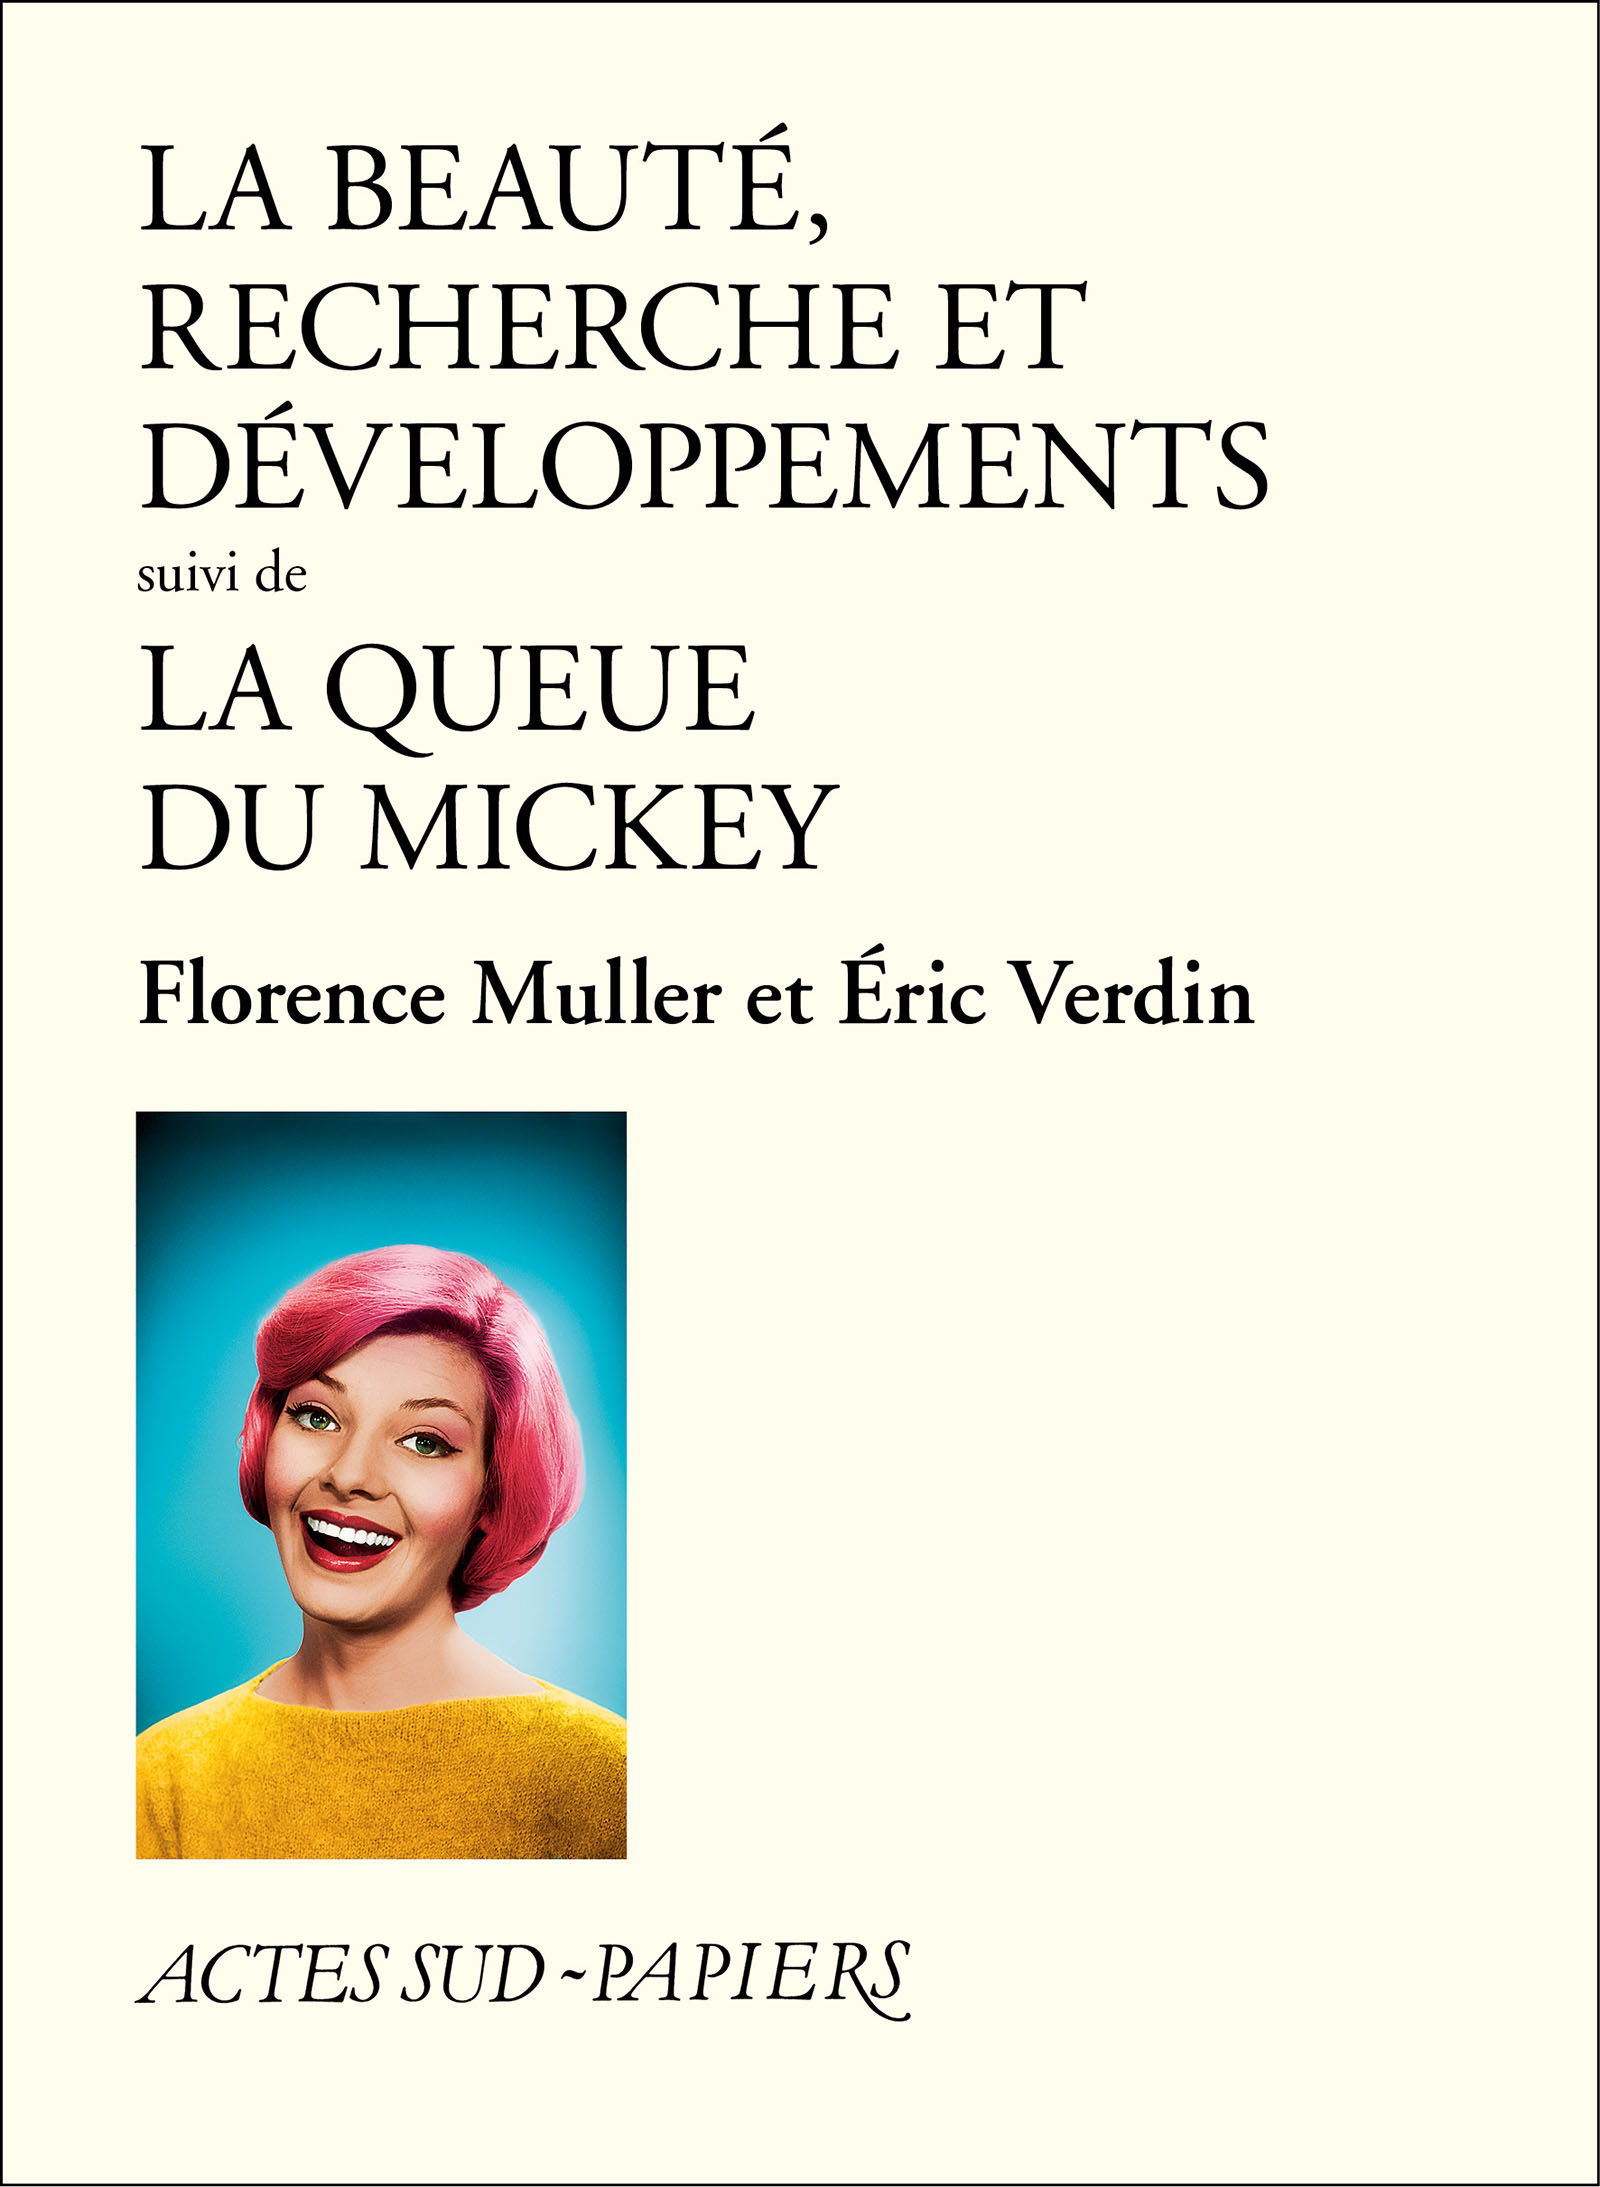 La Beauté, recherche et développements suivi de La Queue du Mickey